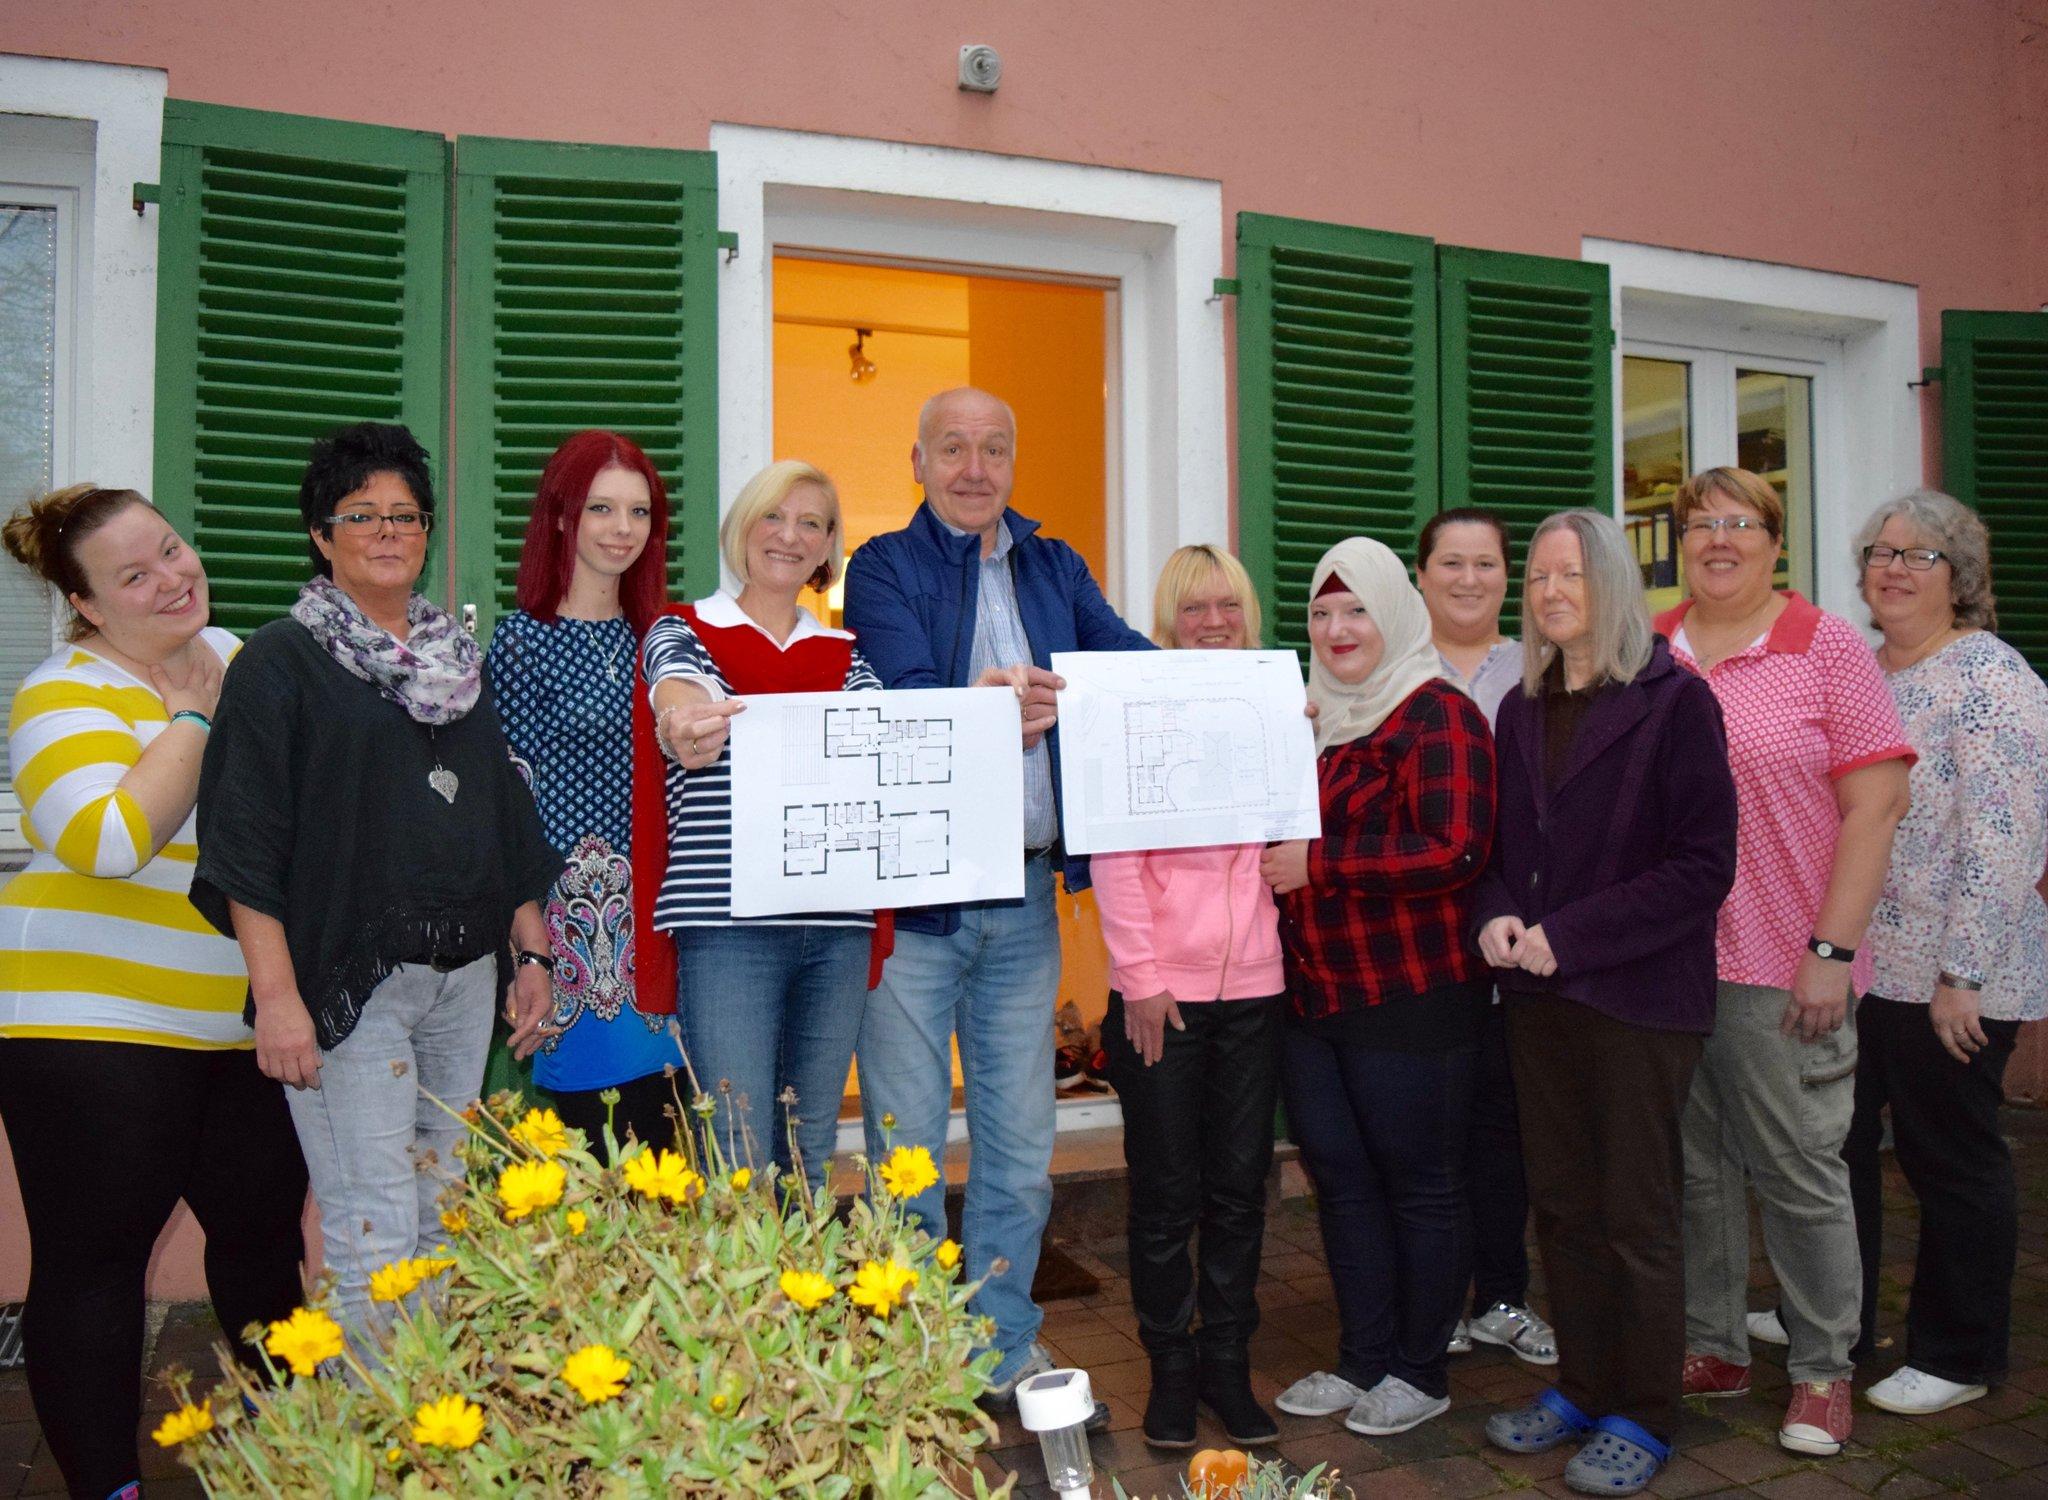 Die Bewohnerinnen und das Team der Oase. Esther (links) und Bernd Theumert präsentieren stolz die Baupläne.hochgeladen von Astrid von Lauff